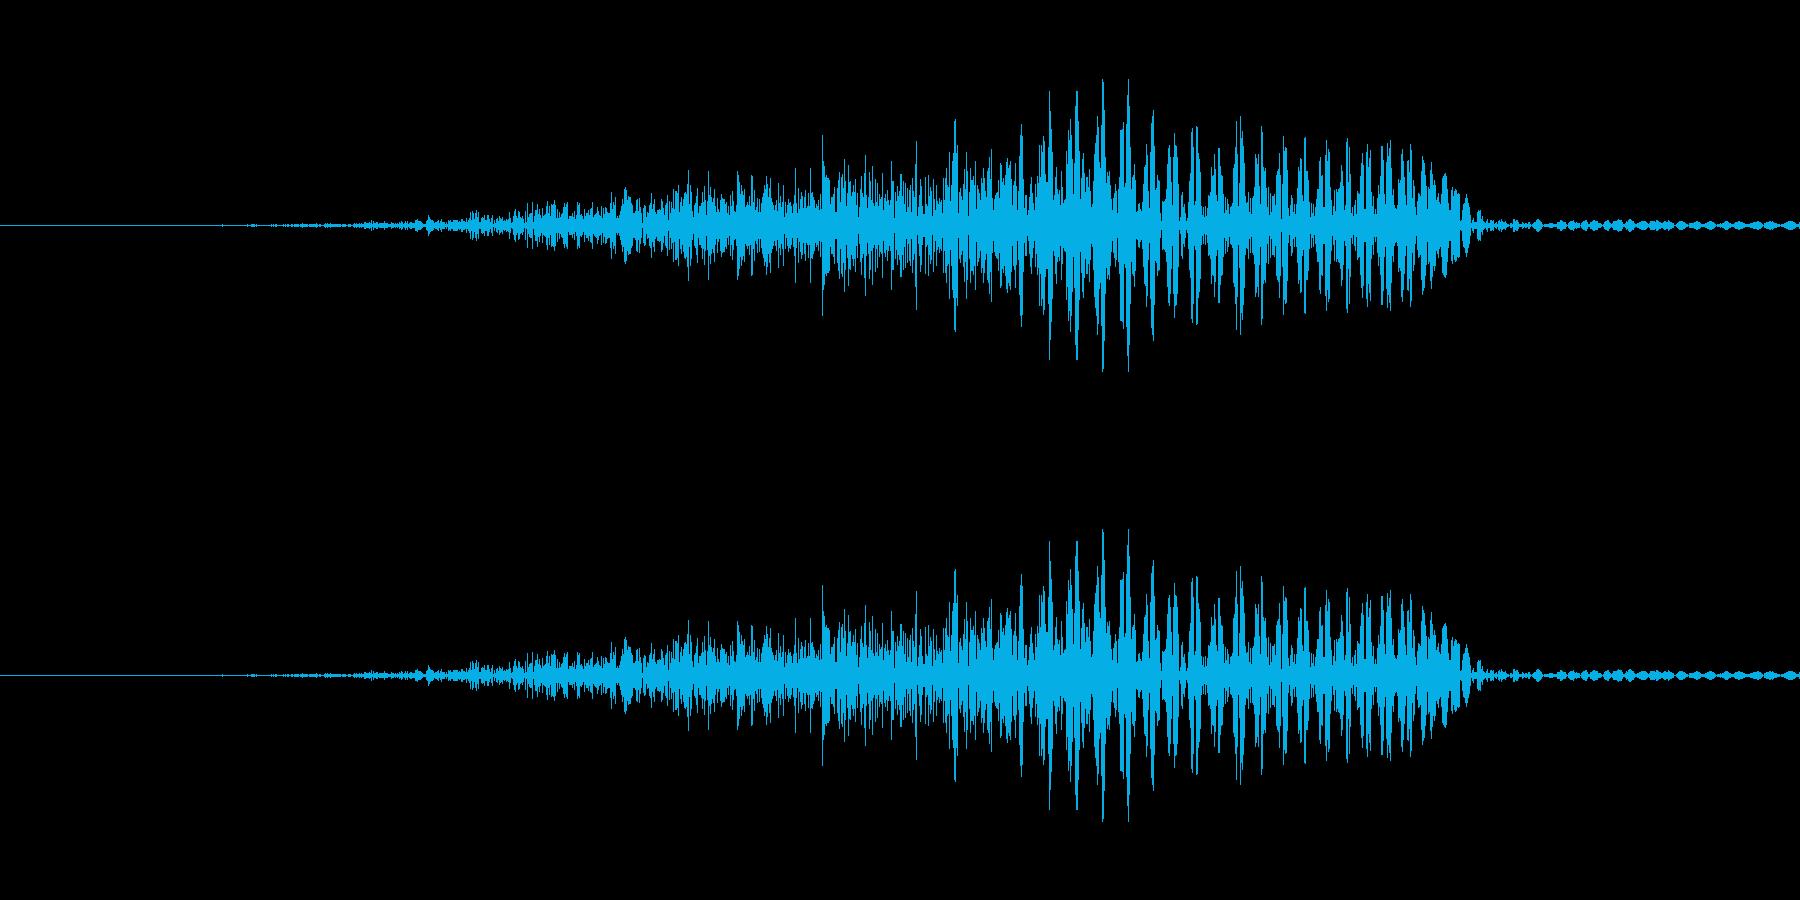 はっ!! - 男性和風掛け声の再生済みの波形